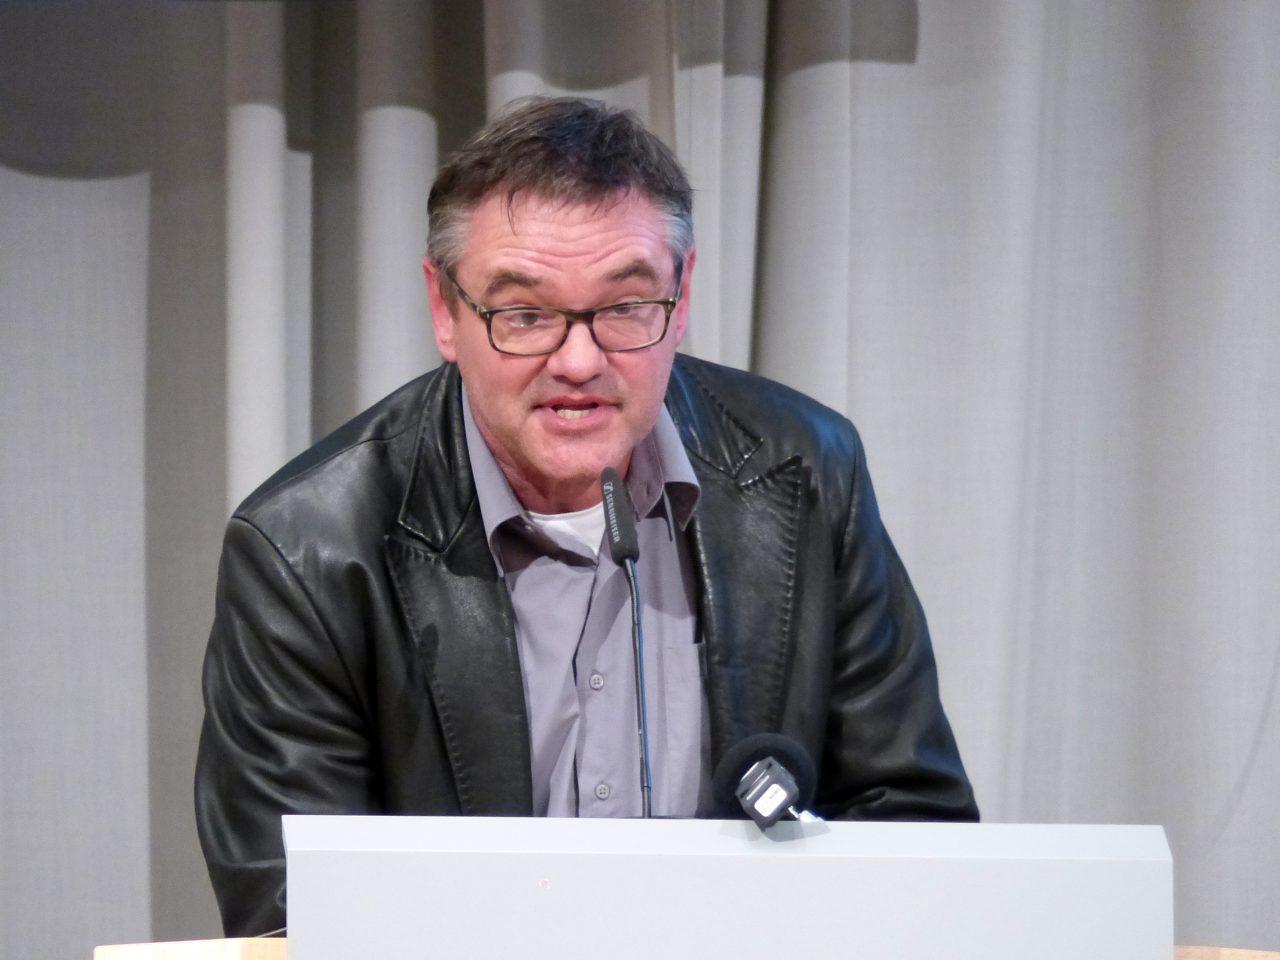 Eugen Hach hatte sichtlich mit der Vortragssituation zu kämpfen und blieb deshalb zunächst auf der Strecke. Dann aber wurde er im Nachfassen gewählt.